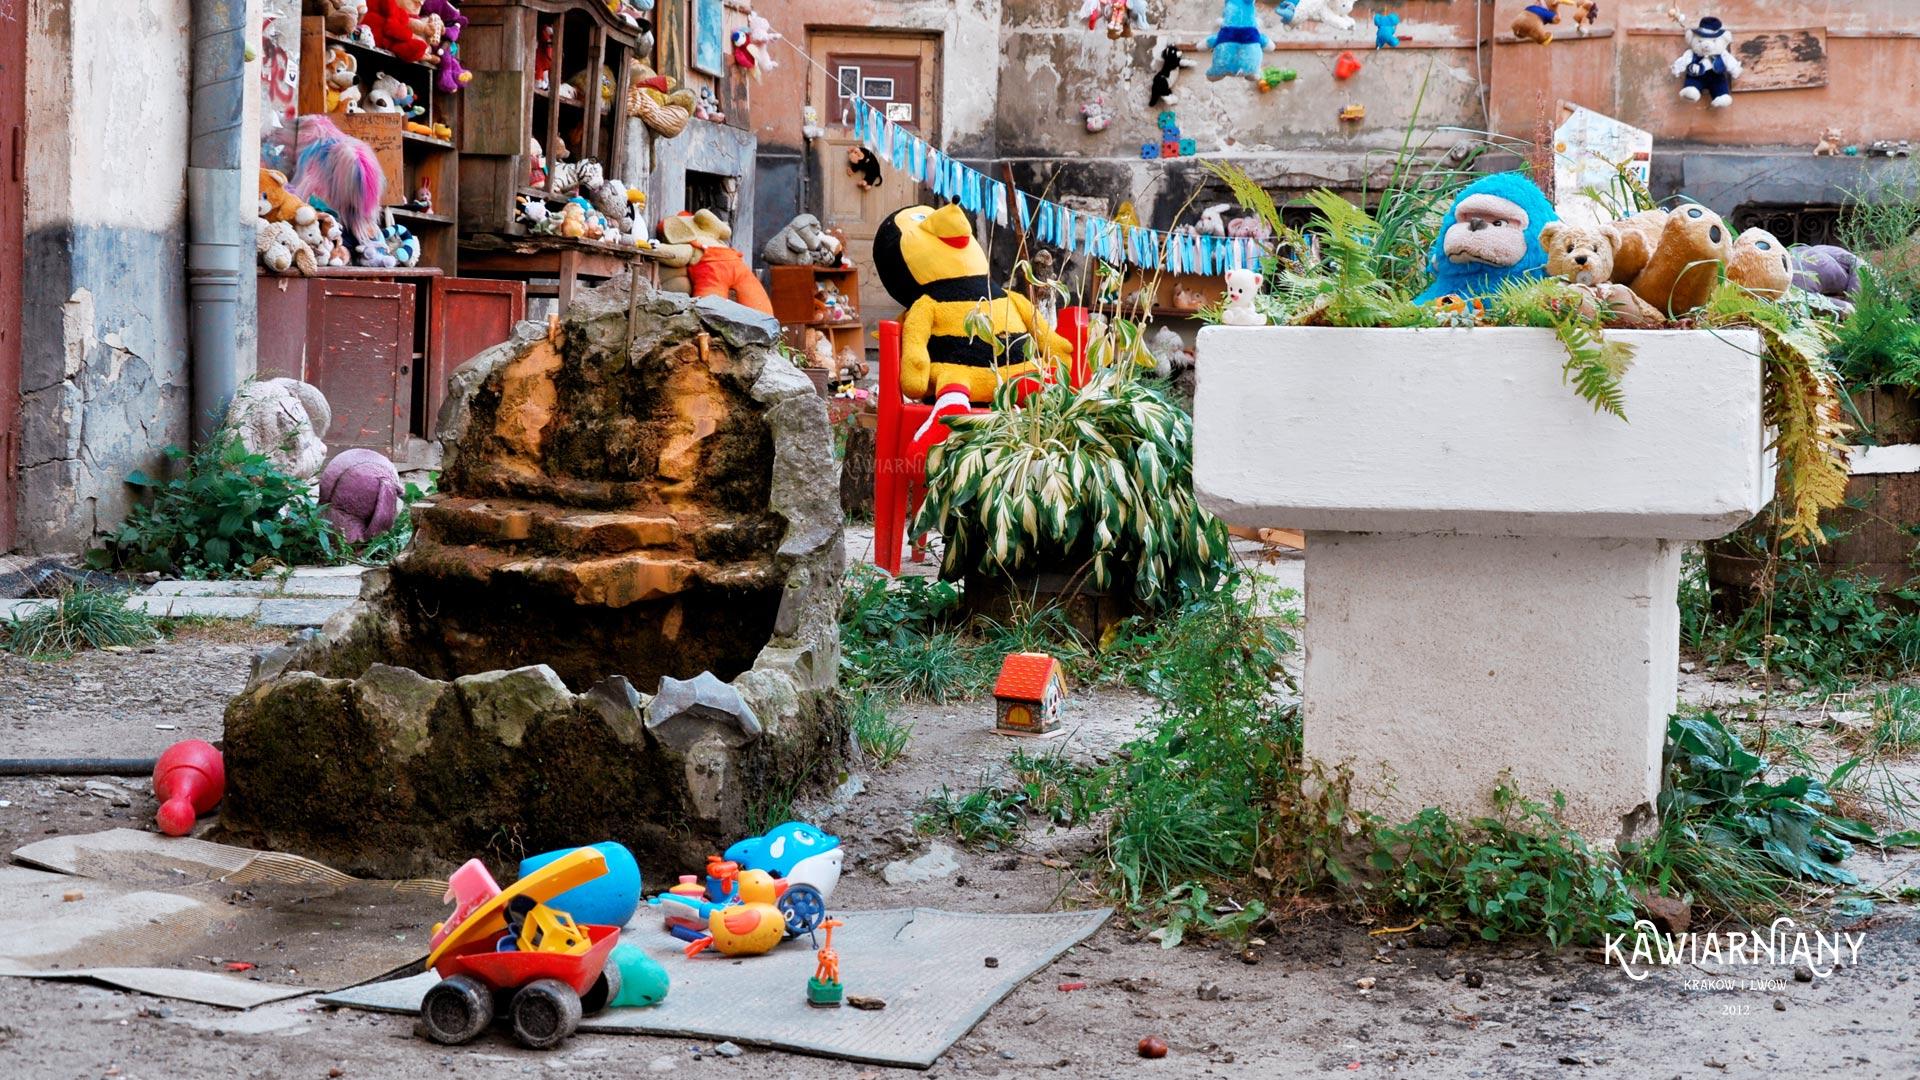 Podwórko Zaginionych Zabawek we Lwowie – najlepsza atrakcja dla dzieci?